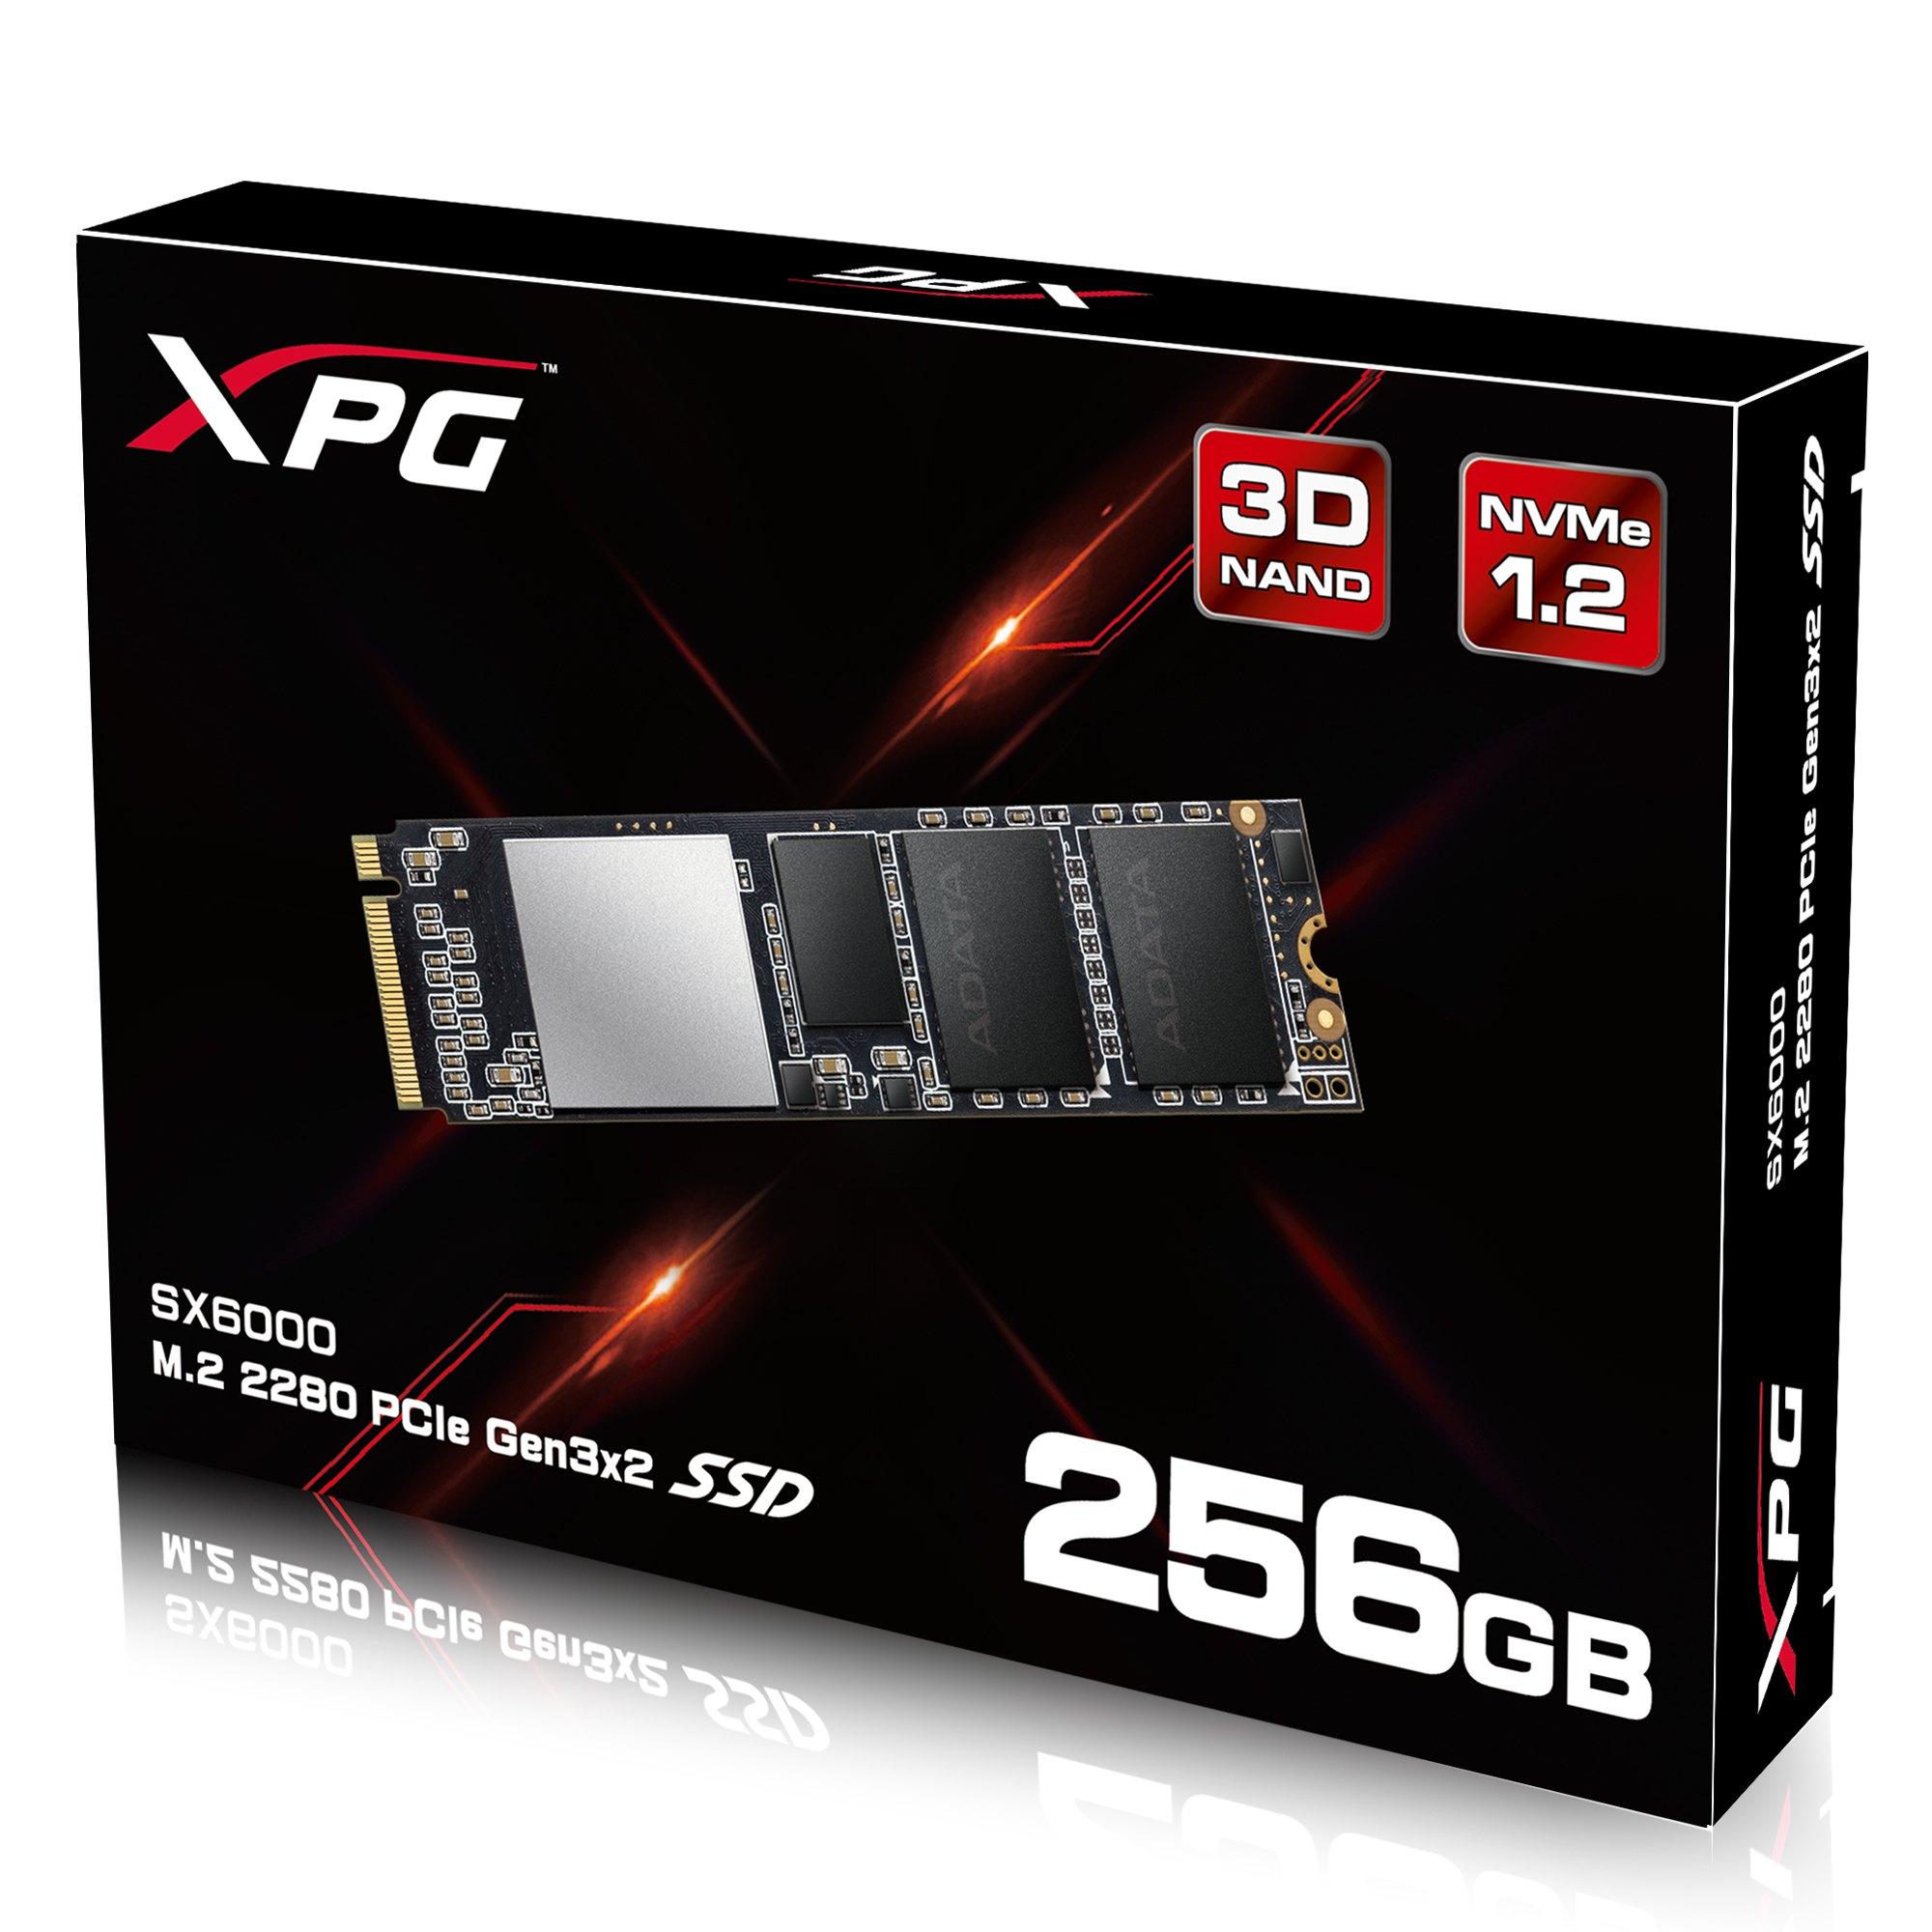 256GB Adata XPG SX6000 PCIe Gen3x2 M.2 2280 SSD $80 + free s/h